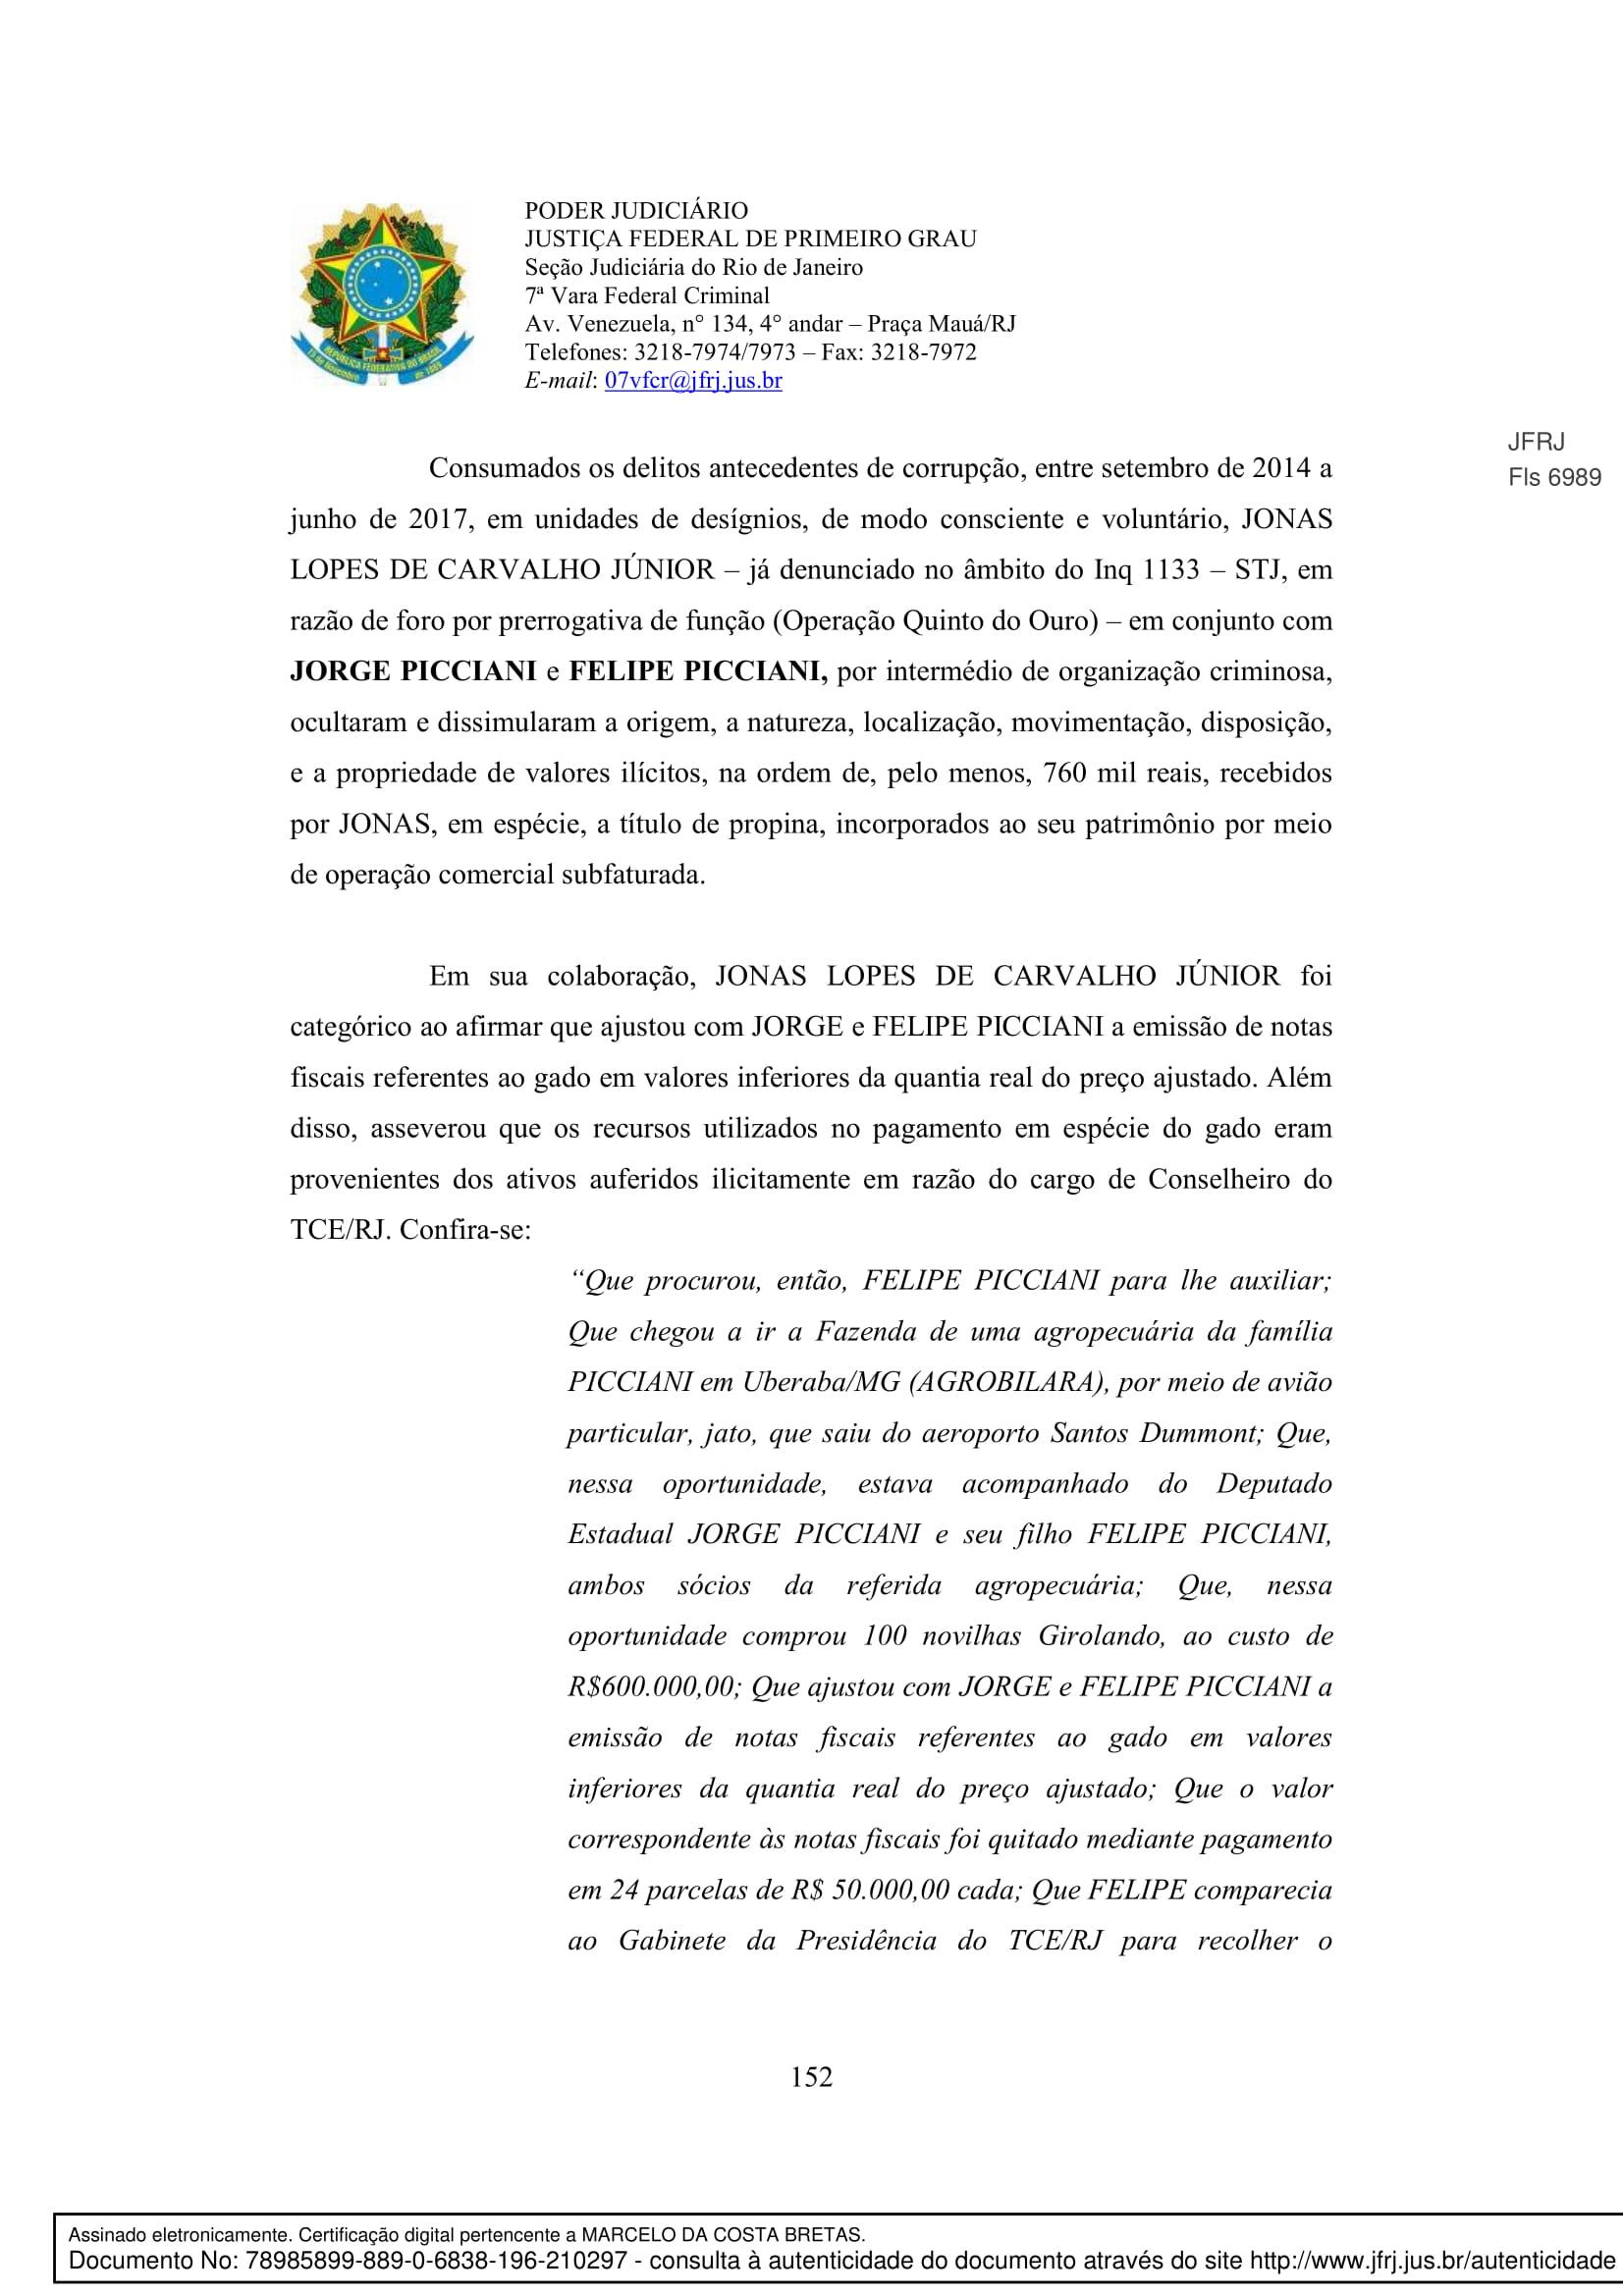 Sentenca-Cadeia-Velha-7VFC-152